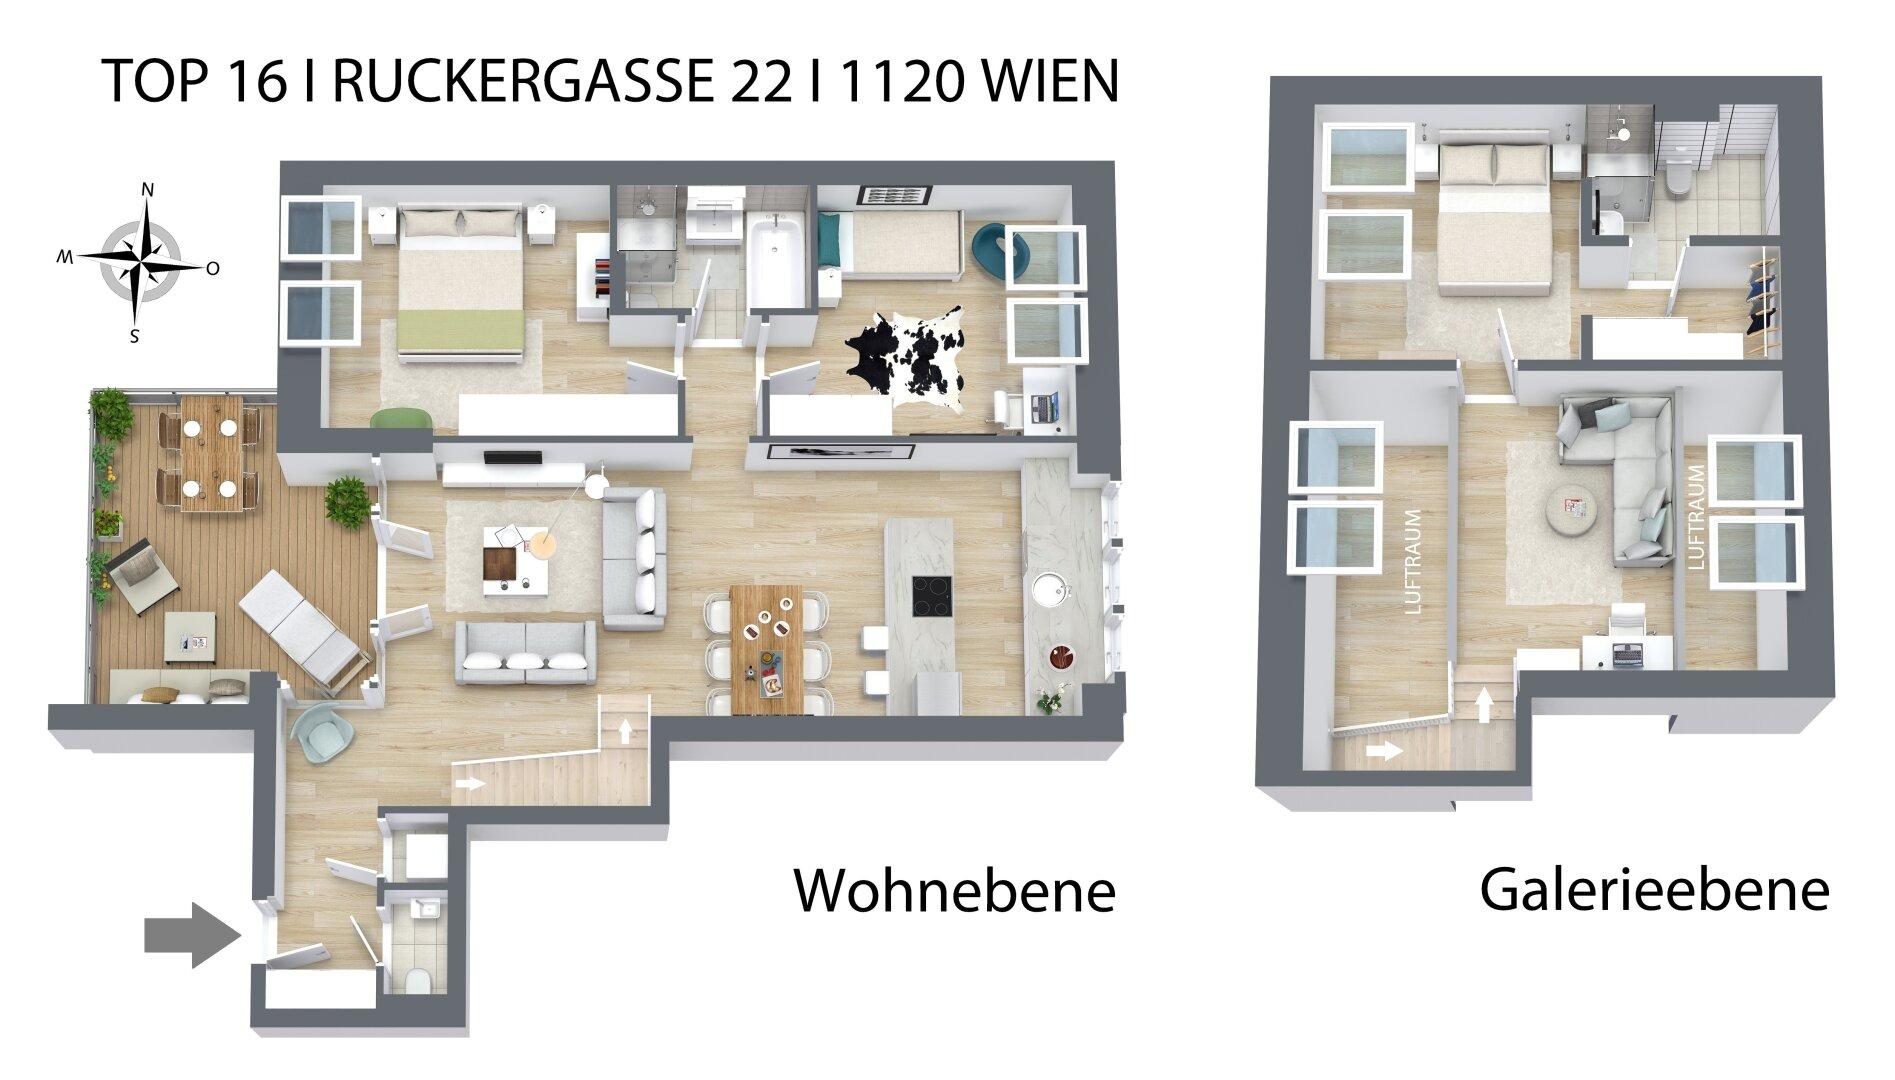 Wohnebene + Galerieebene